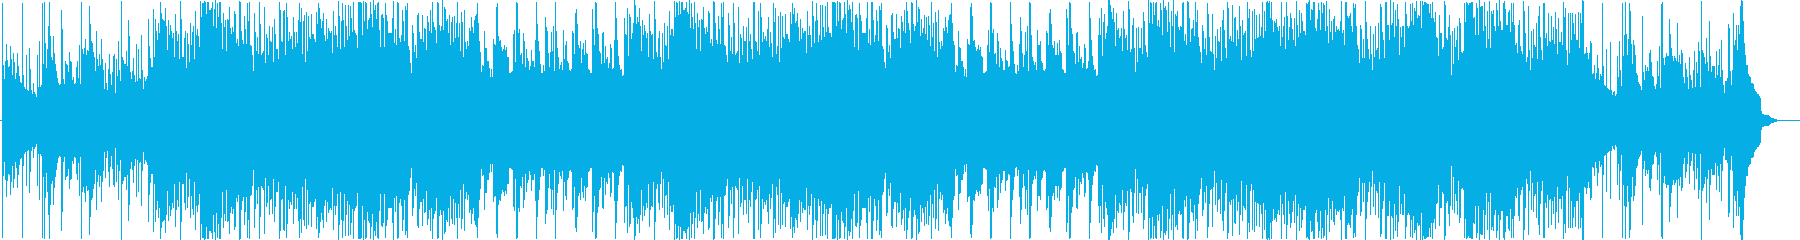 高揚感溢れる綺麗めシンプルなメロディの再生済みの波形